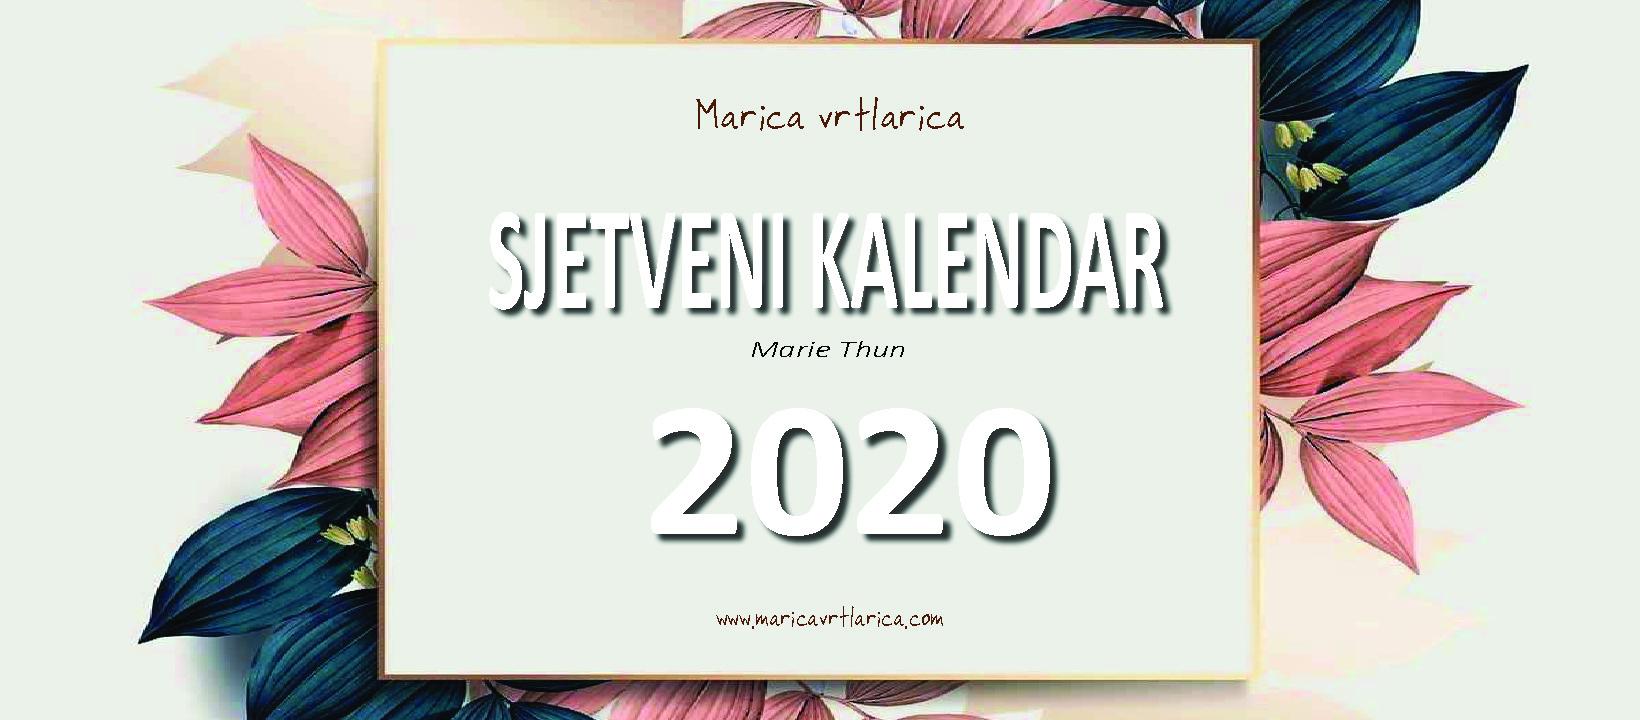 2020 Sjetveni kalendar